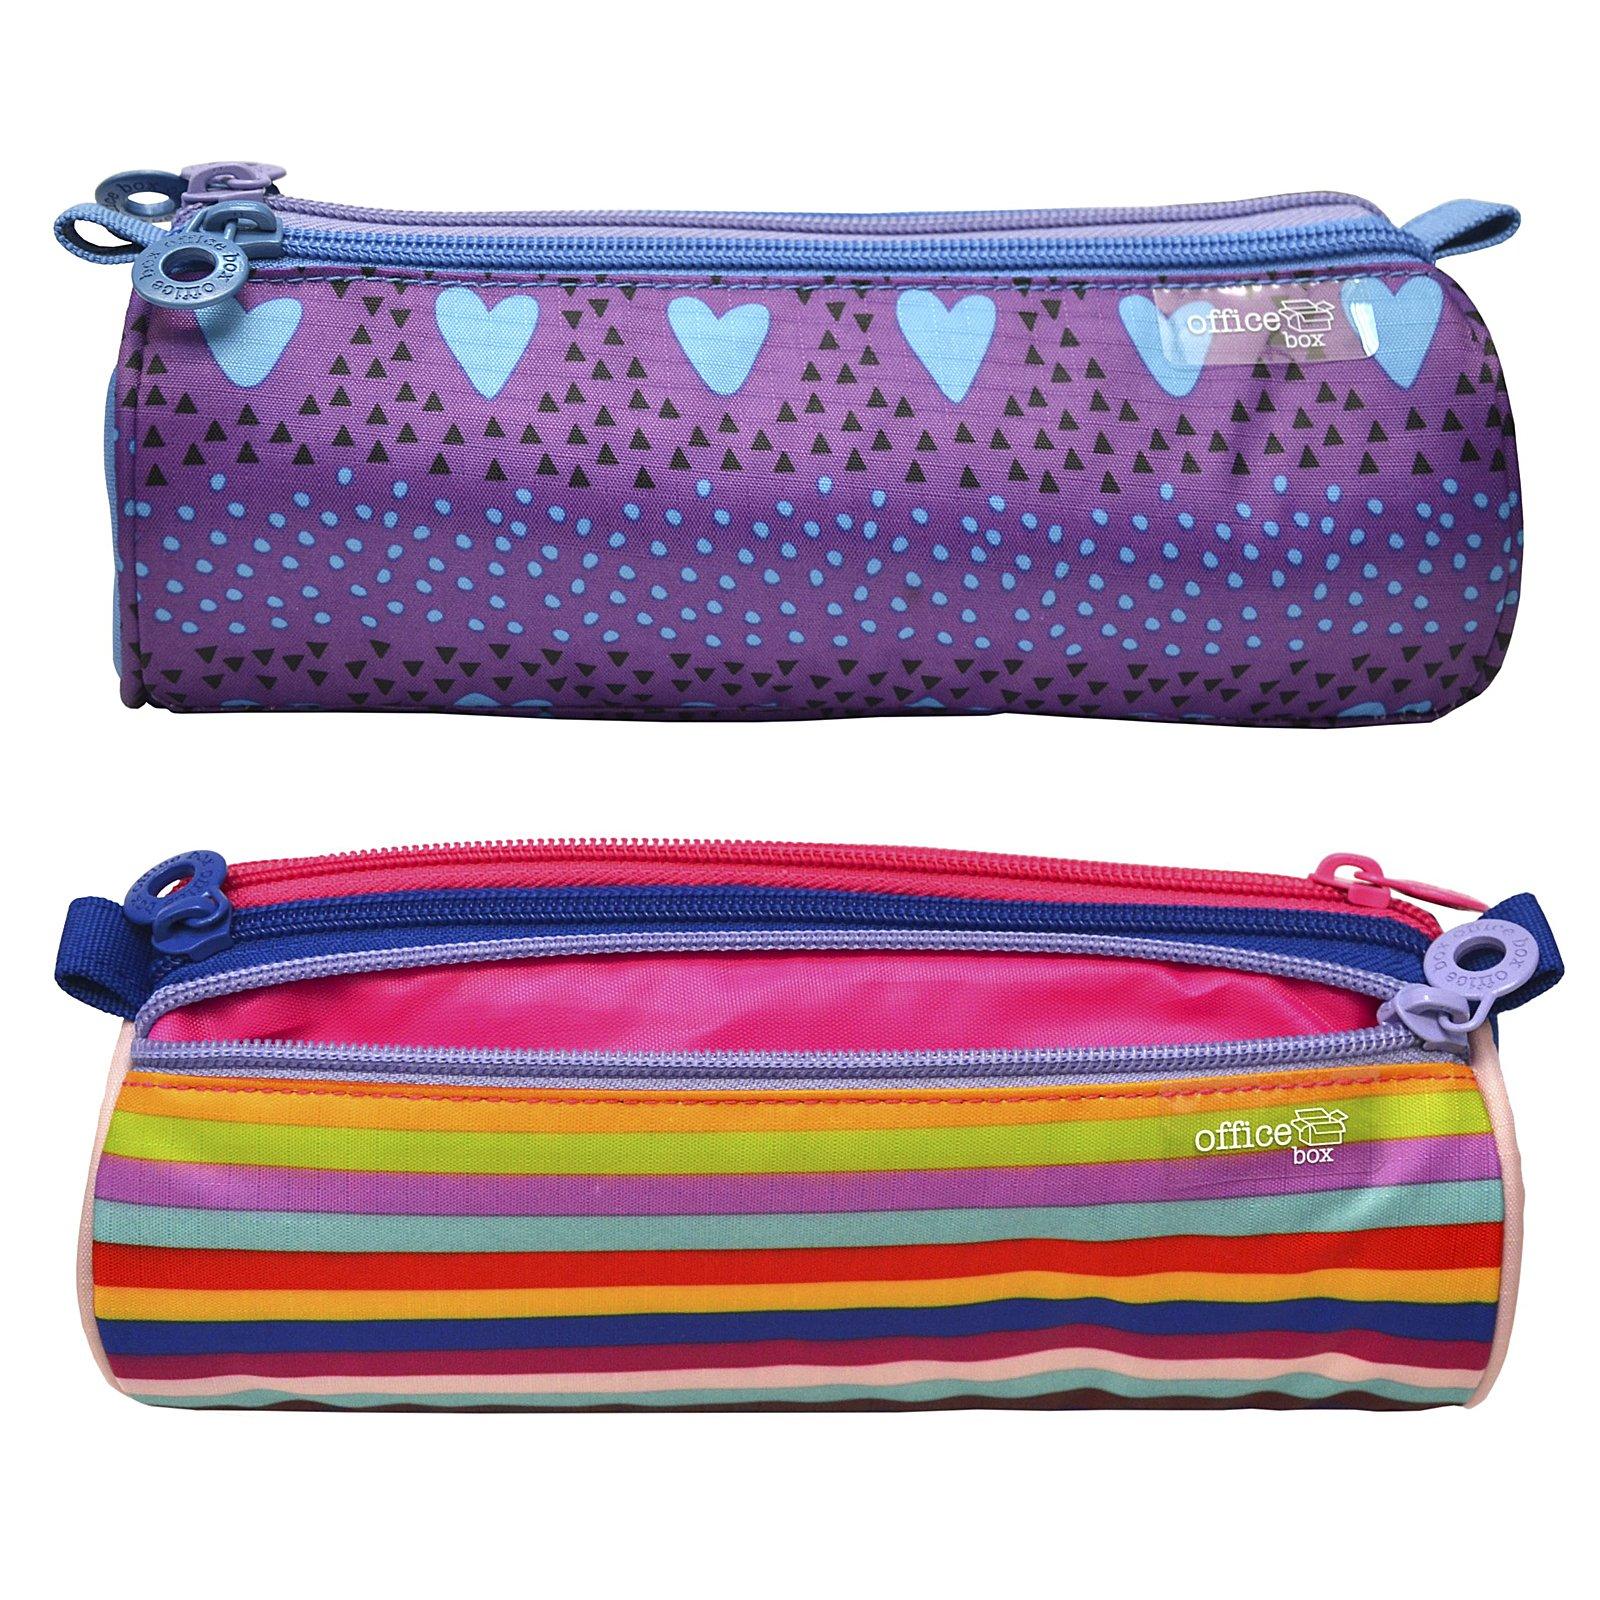 Colorline 59502 - Portatodo Triple Redondo de Amplios Apartados Interiores, Estuche Multiuso para Material Escolar. Diseño Girls Stripes, Medidas 22.5 x 8 x 8 cm: Amazon.es: Oficina y papelería